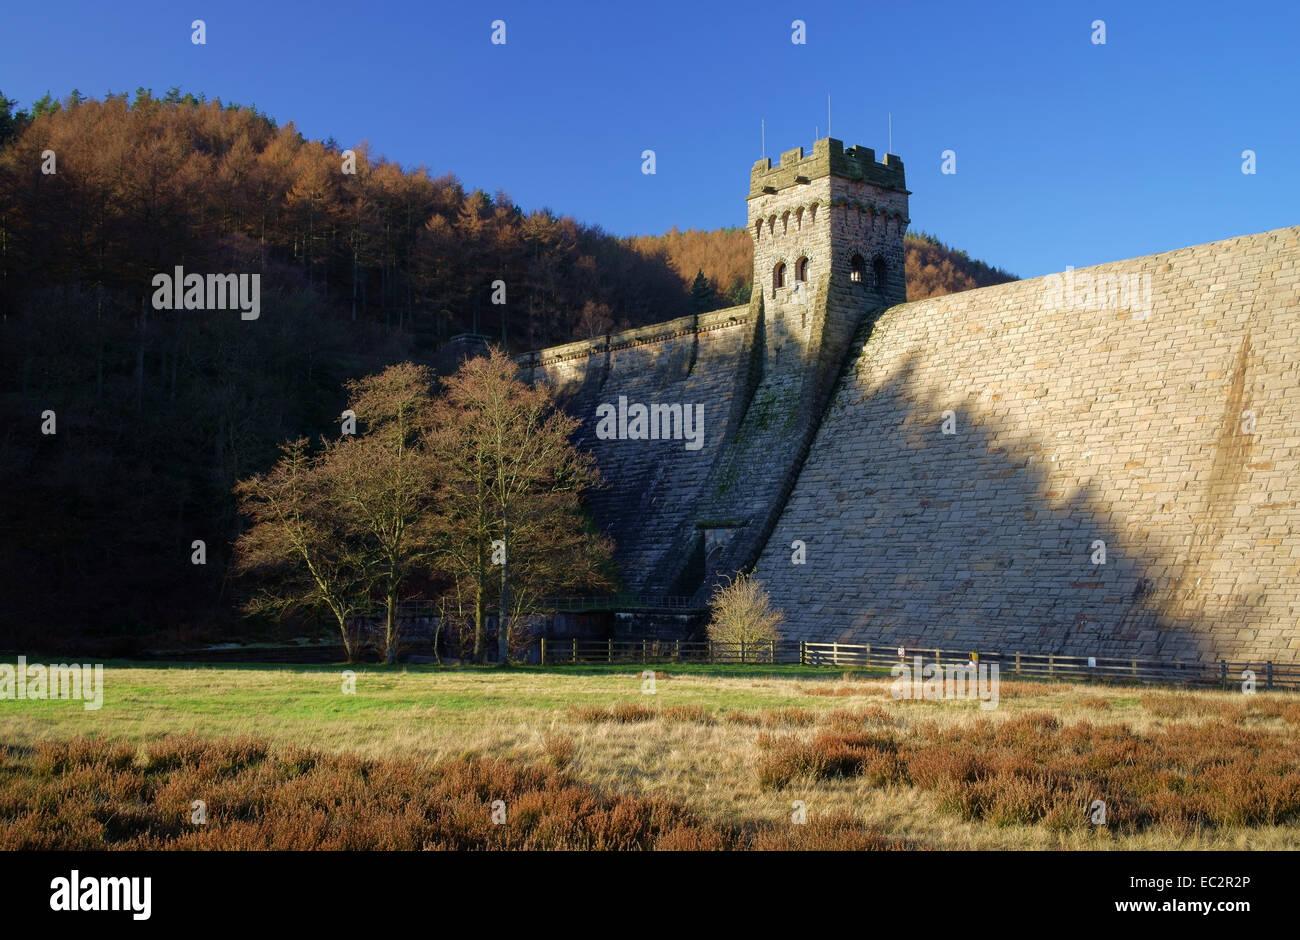 UK,Derbyshire,Peak District,Derwent Dam - Stock Image